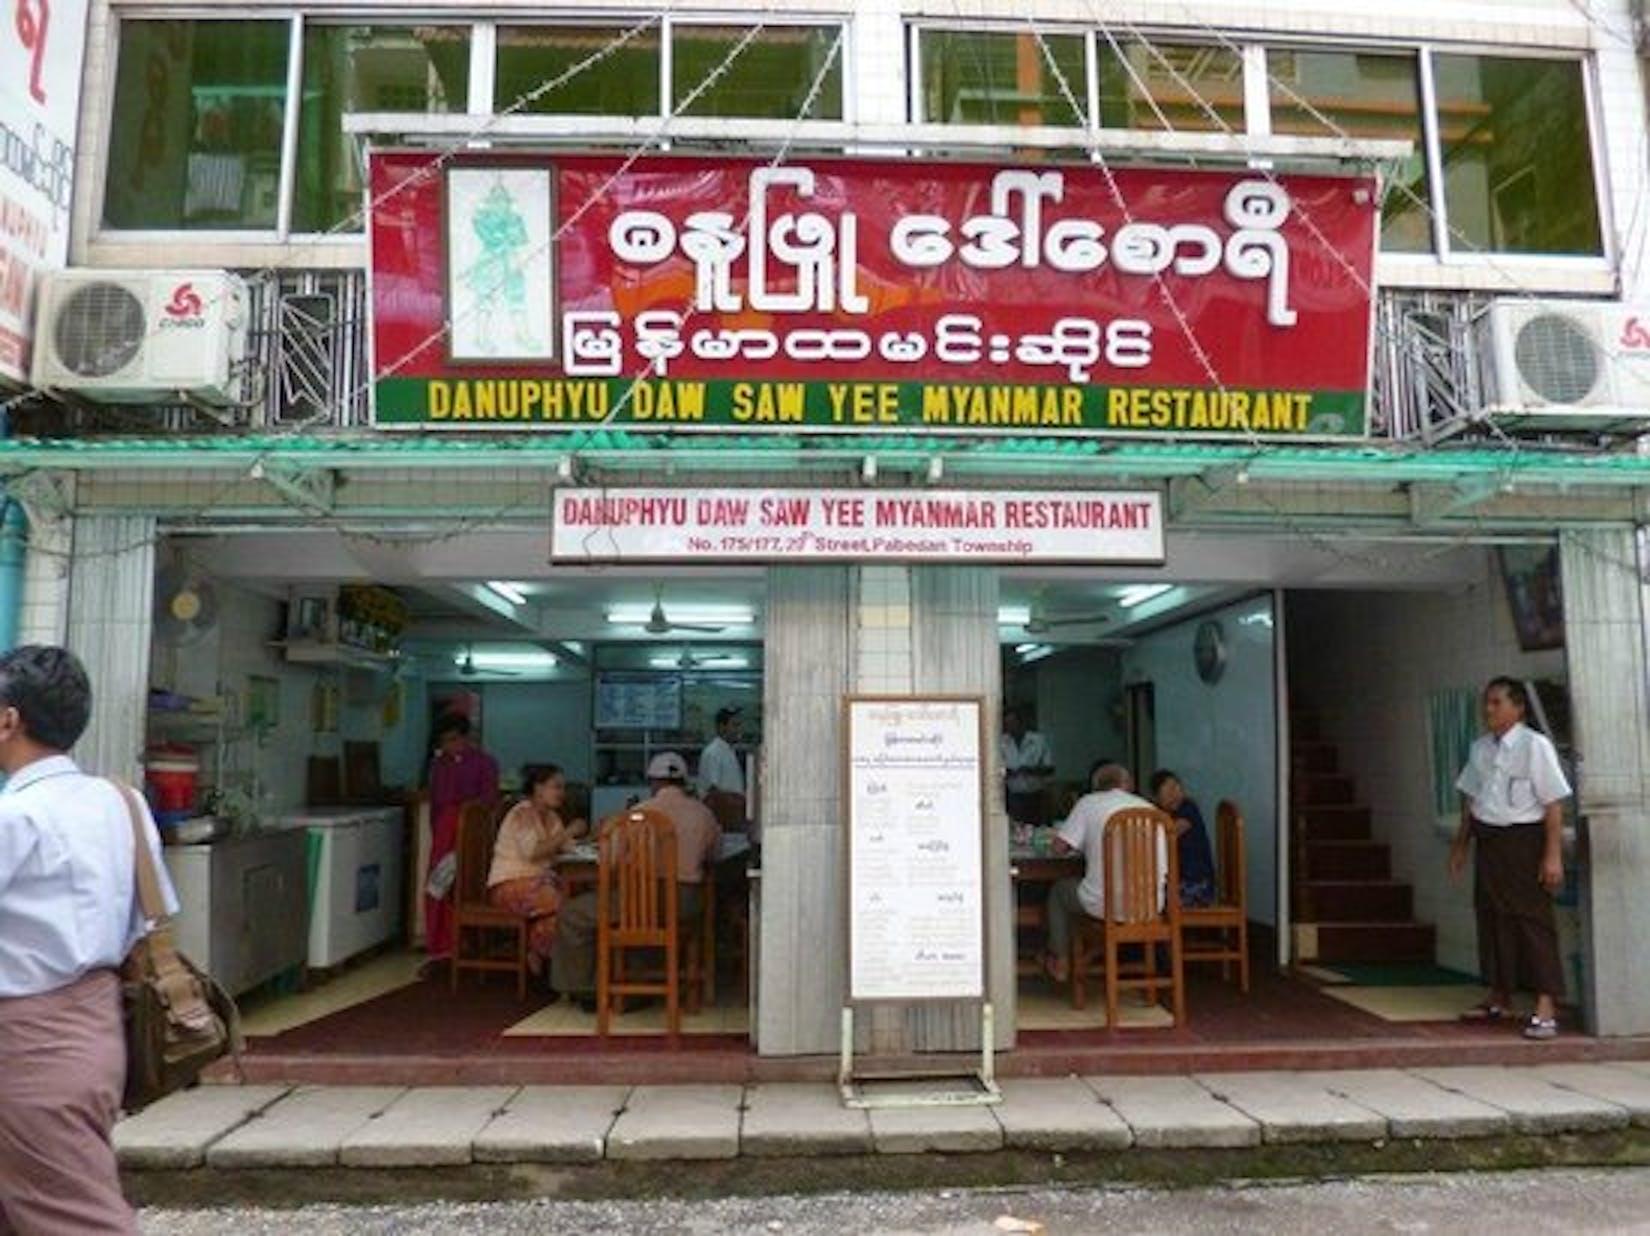 Danuphyu Daw Saw Yee Myanmar Restaurant | yathar